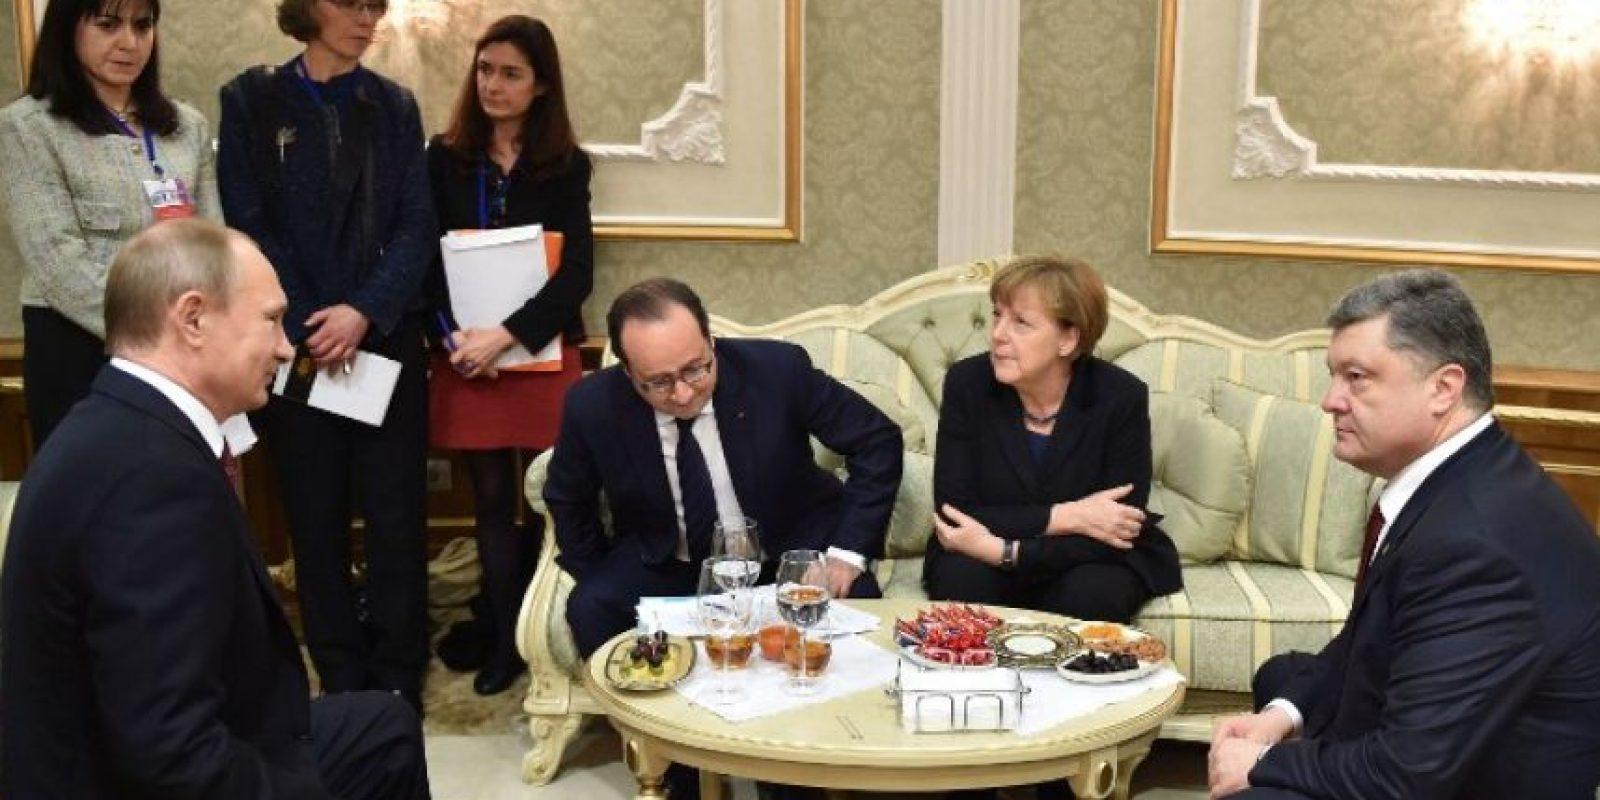 Esta reunión fue encabezada por Angela Merkel (canciller de Alemania) y Francois Hollande (presidente de Francia). Foto:AFP